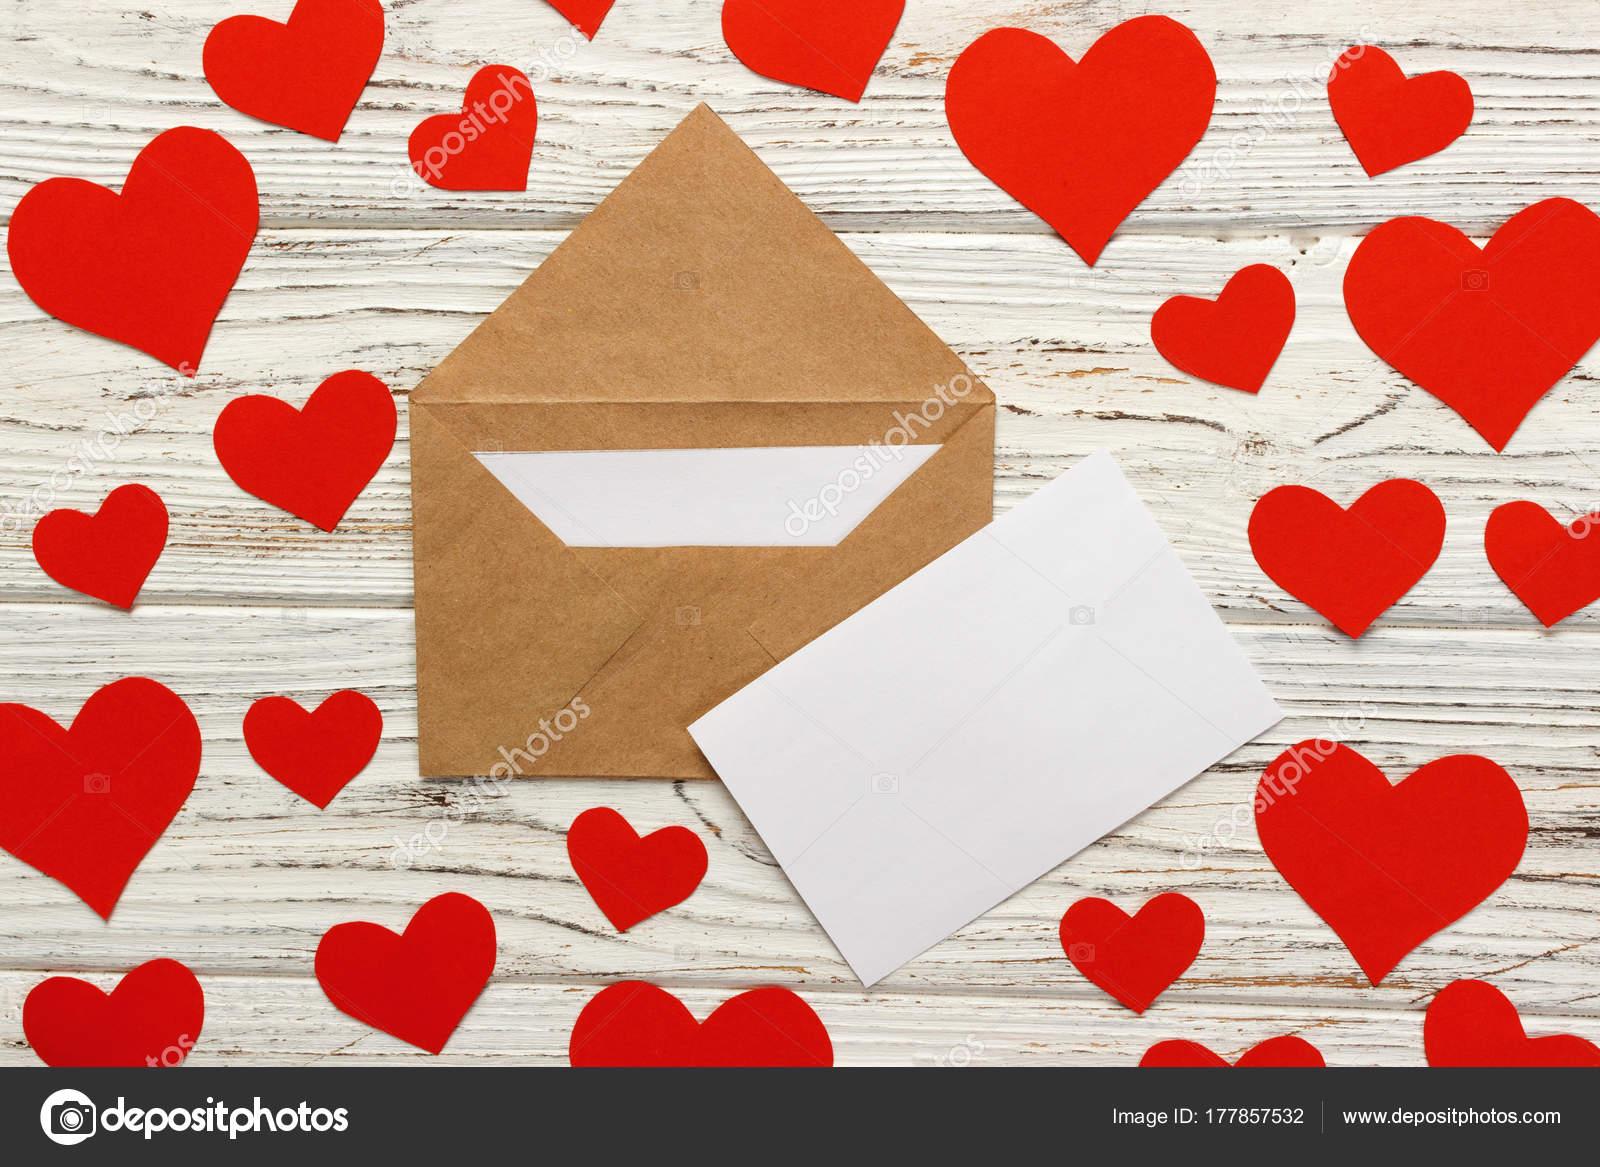 Cartas de san valentin en ingles y espa ol carta para san valent n sobres de carta de amor - Cartas de san valentin en ingles ...